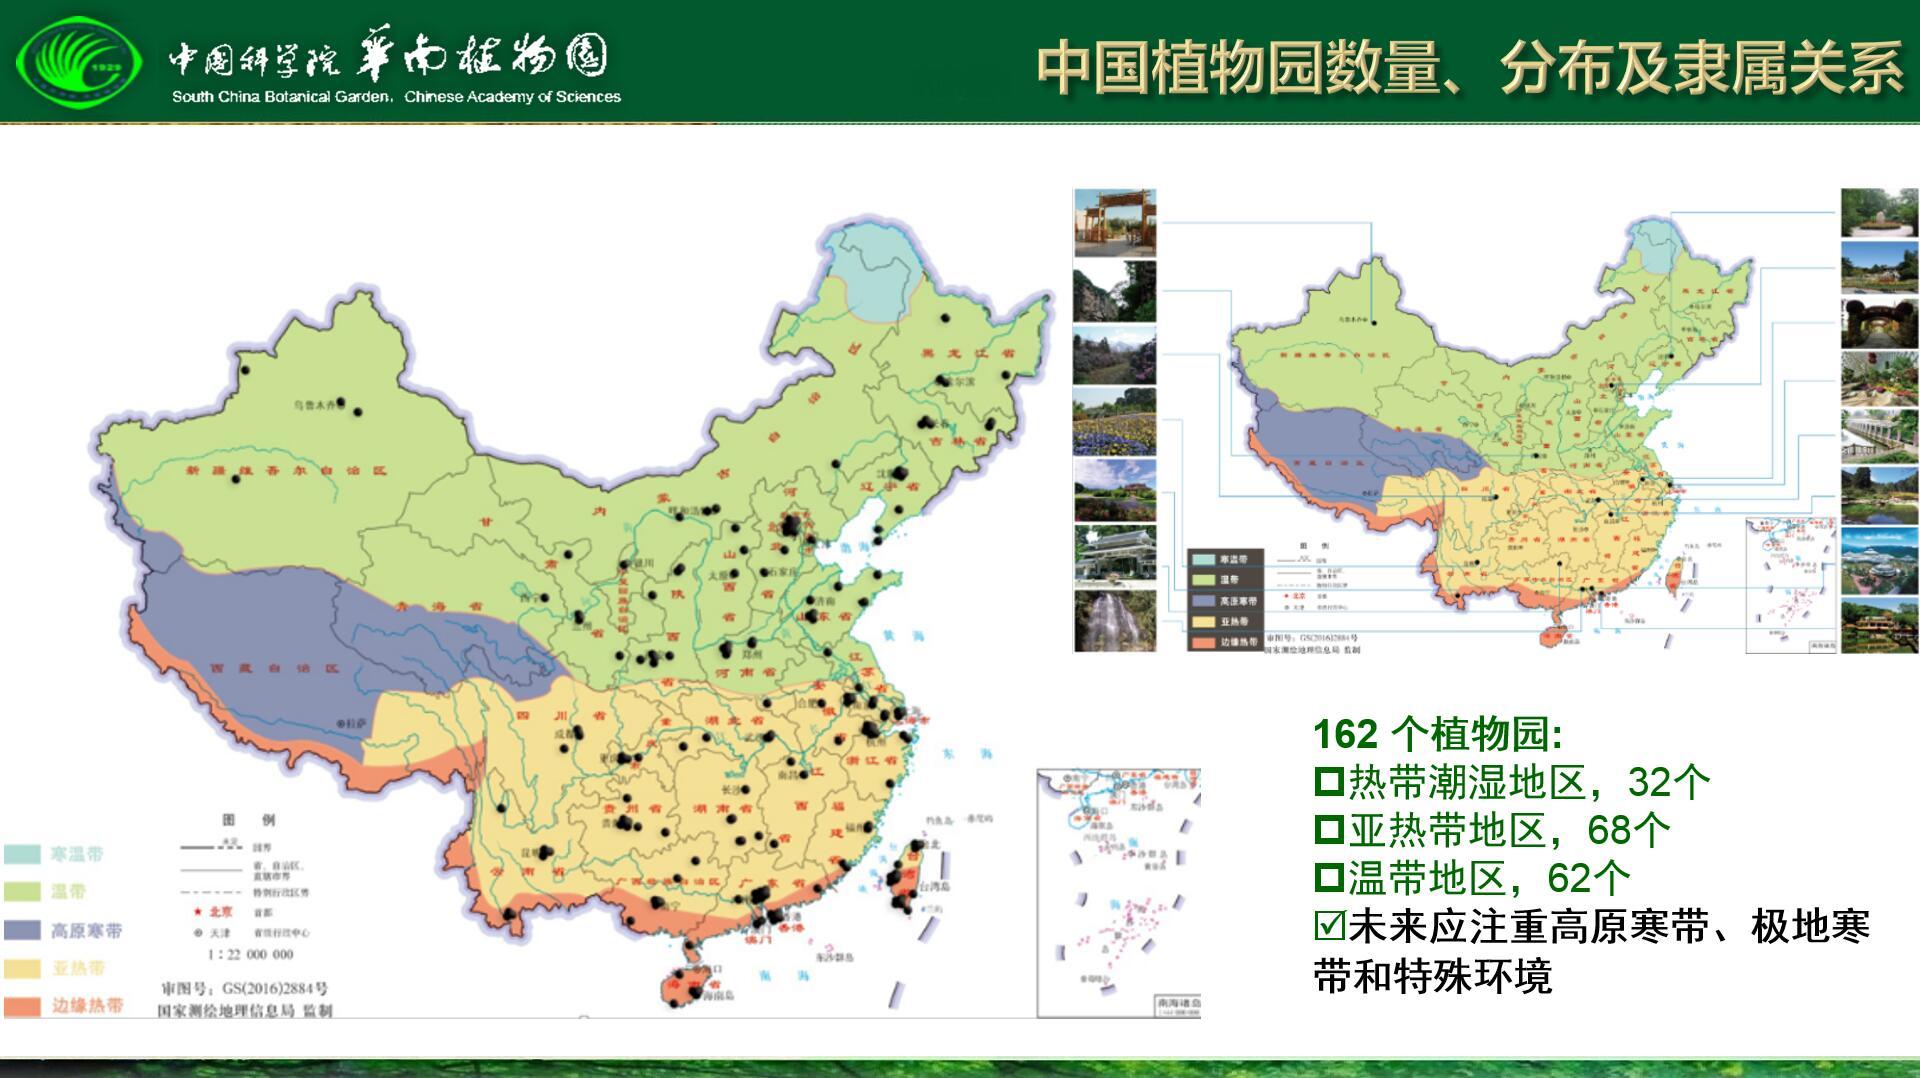 图4 中国植物园分布图.jpg